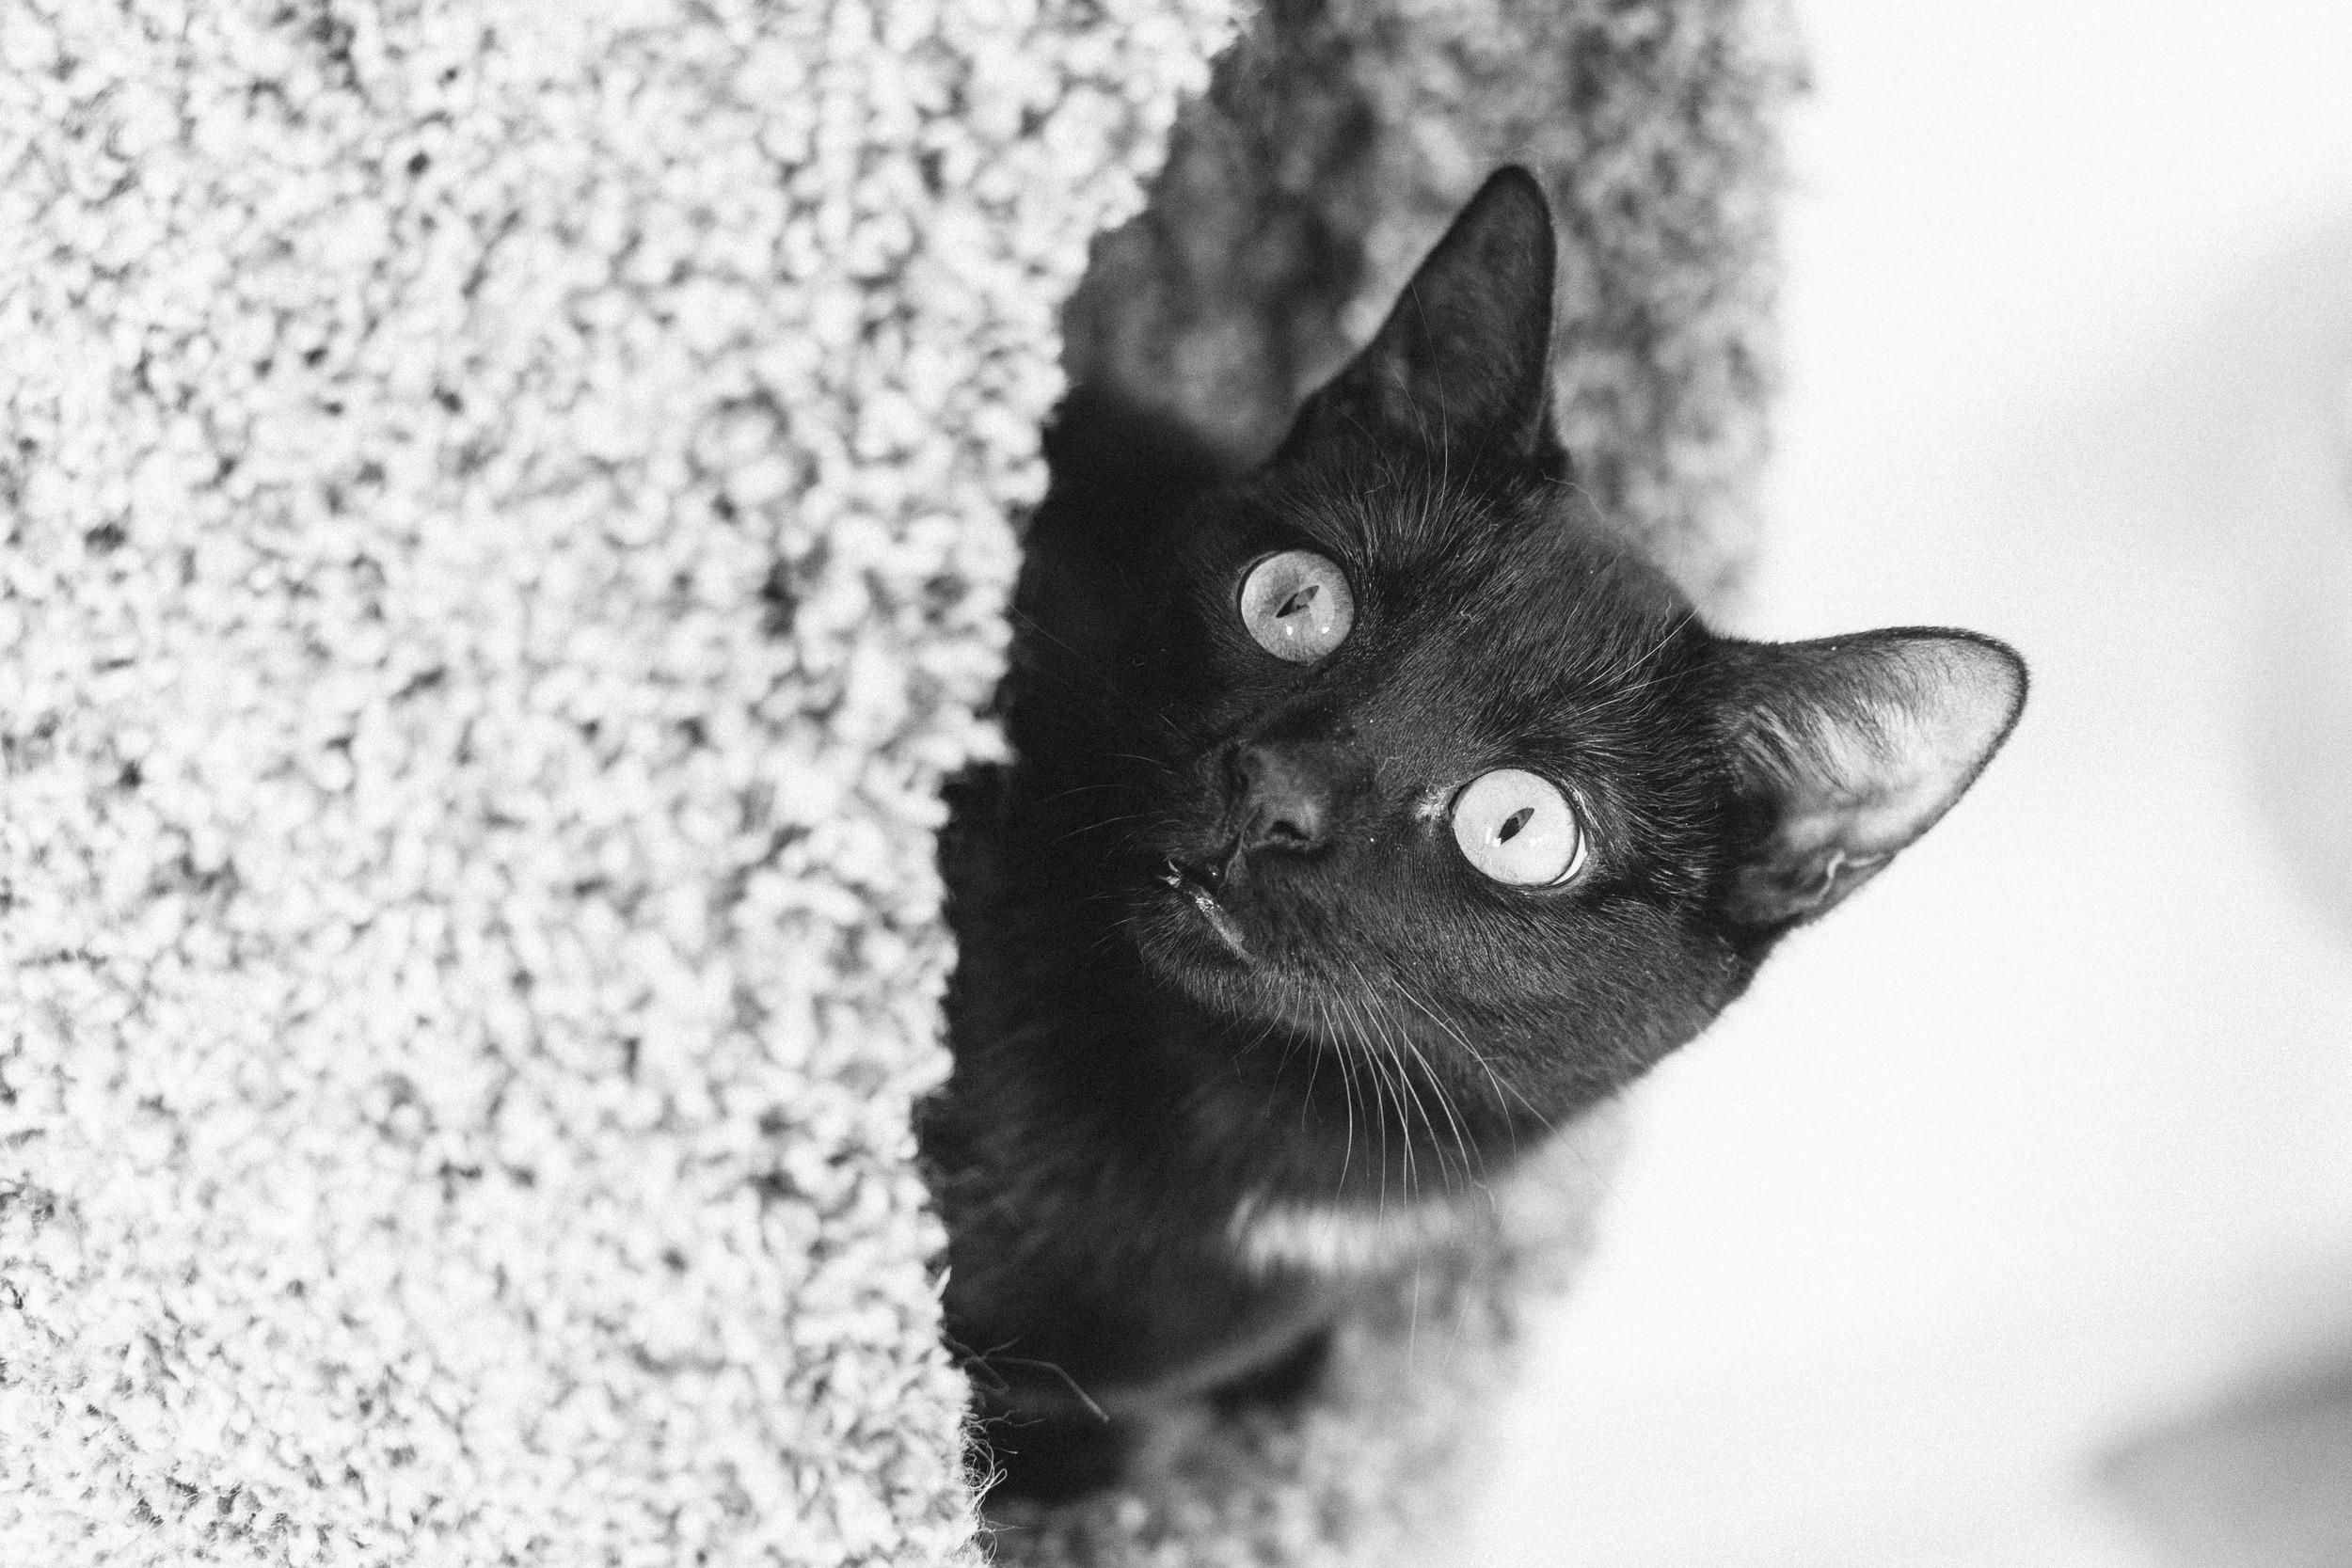 cats-26.jpg